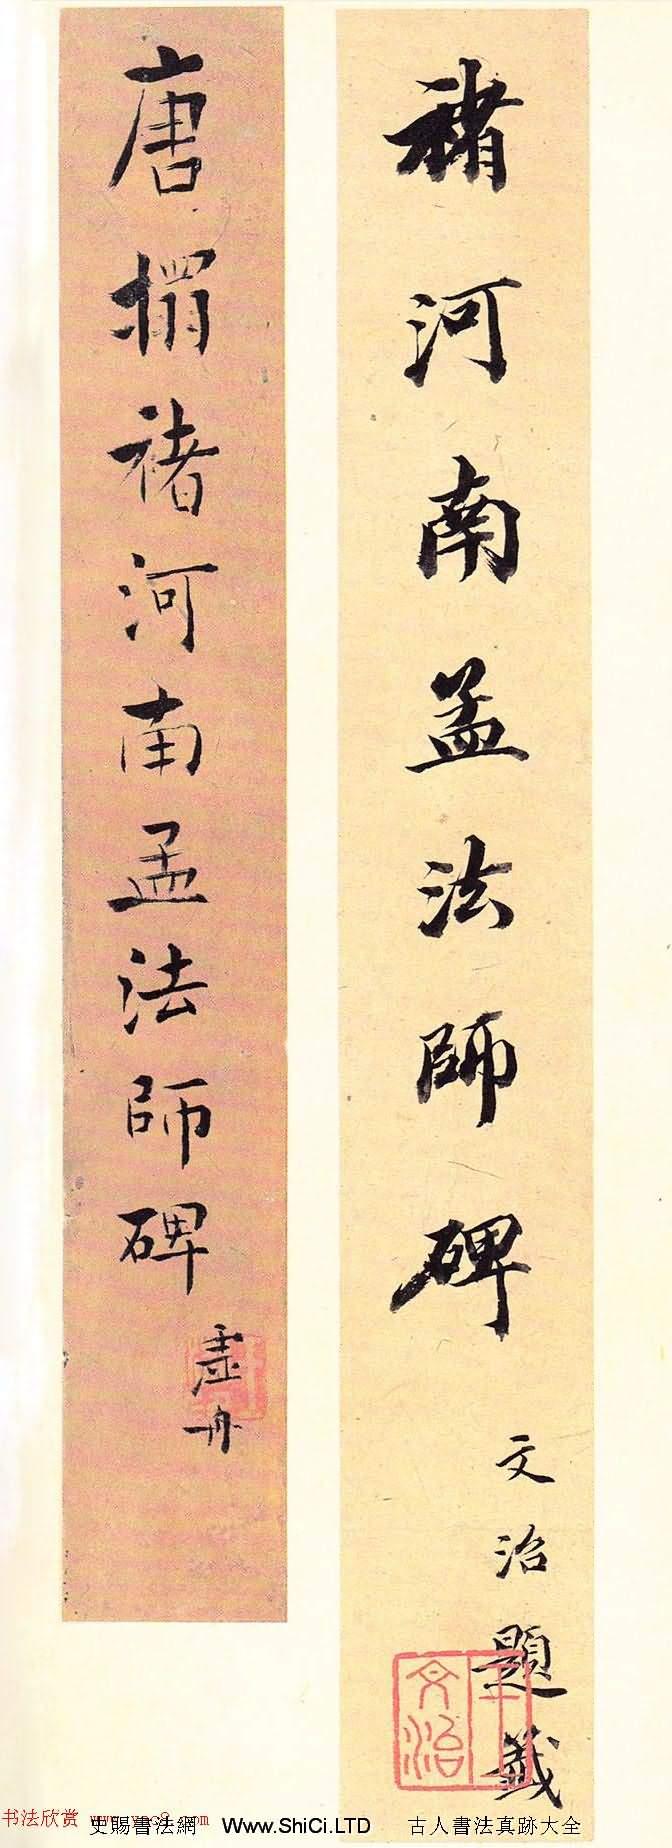 王文治書法題籤字帖《褚河南孟法師碑》(共7張圖片)